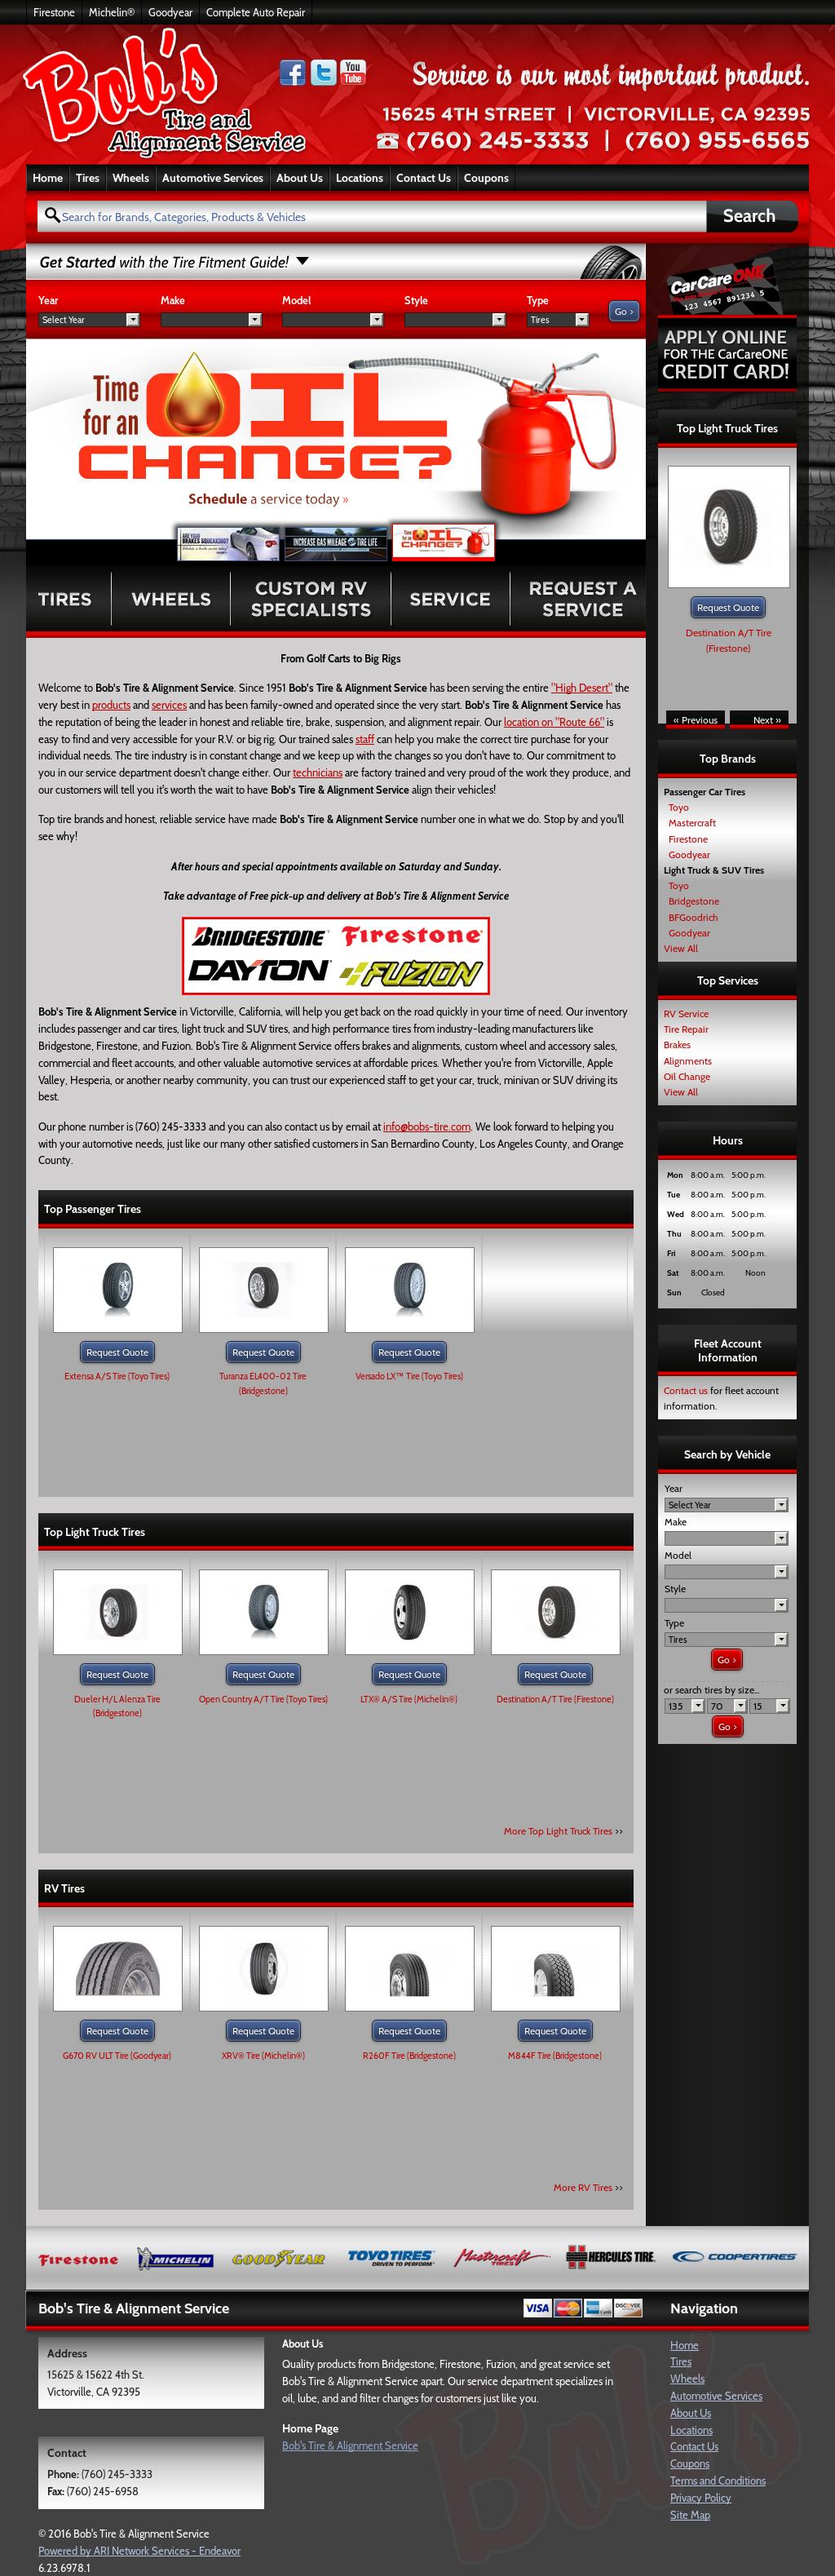 Firestone Hours Sunday >> Bob S Tire Alignment Service Competitors Revenue And